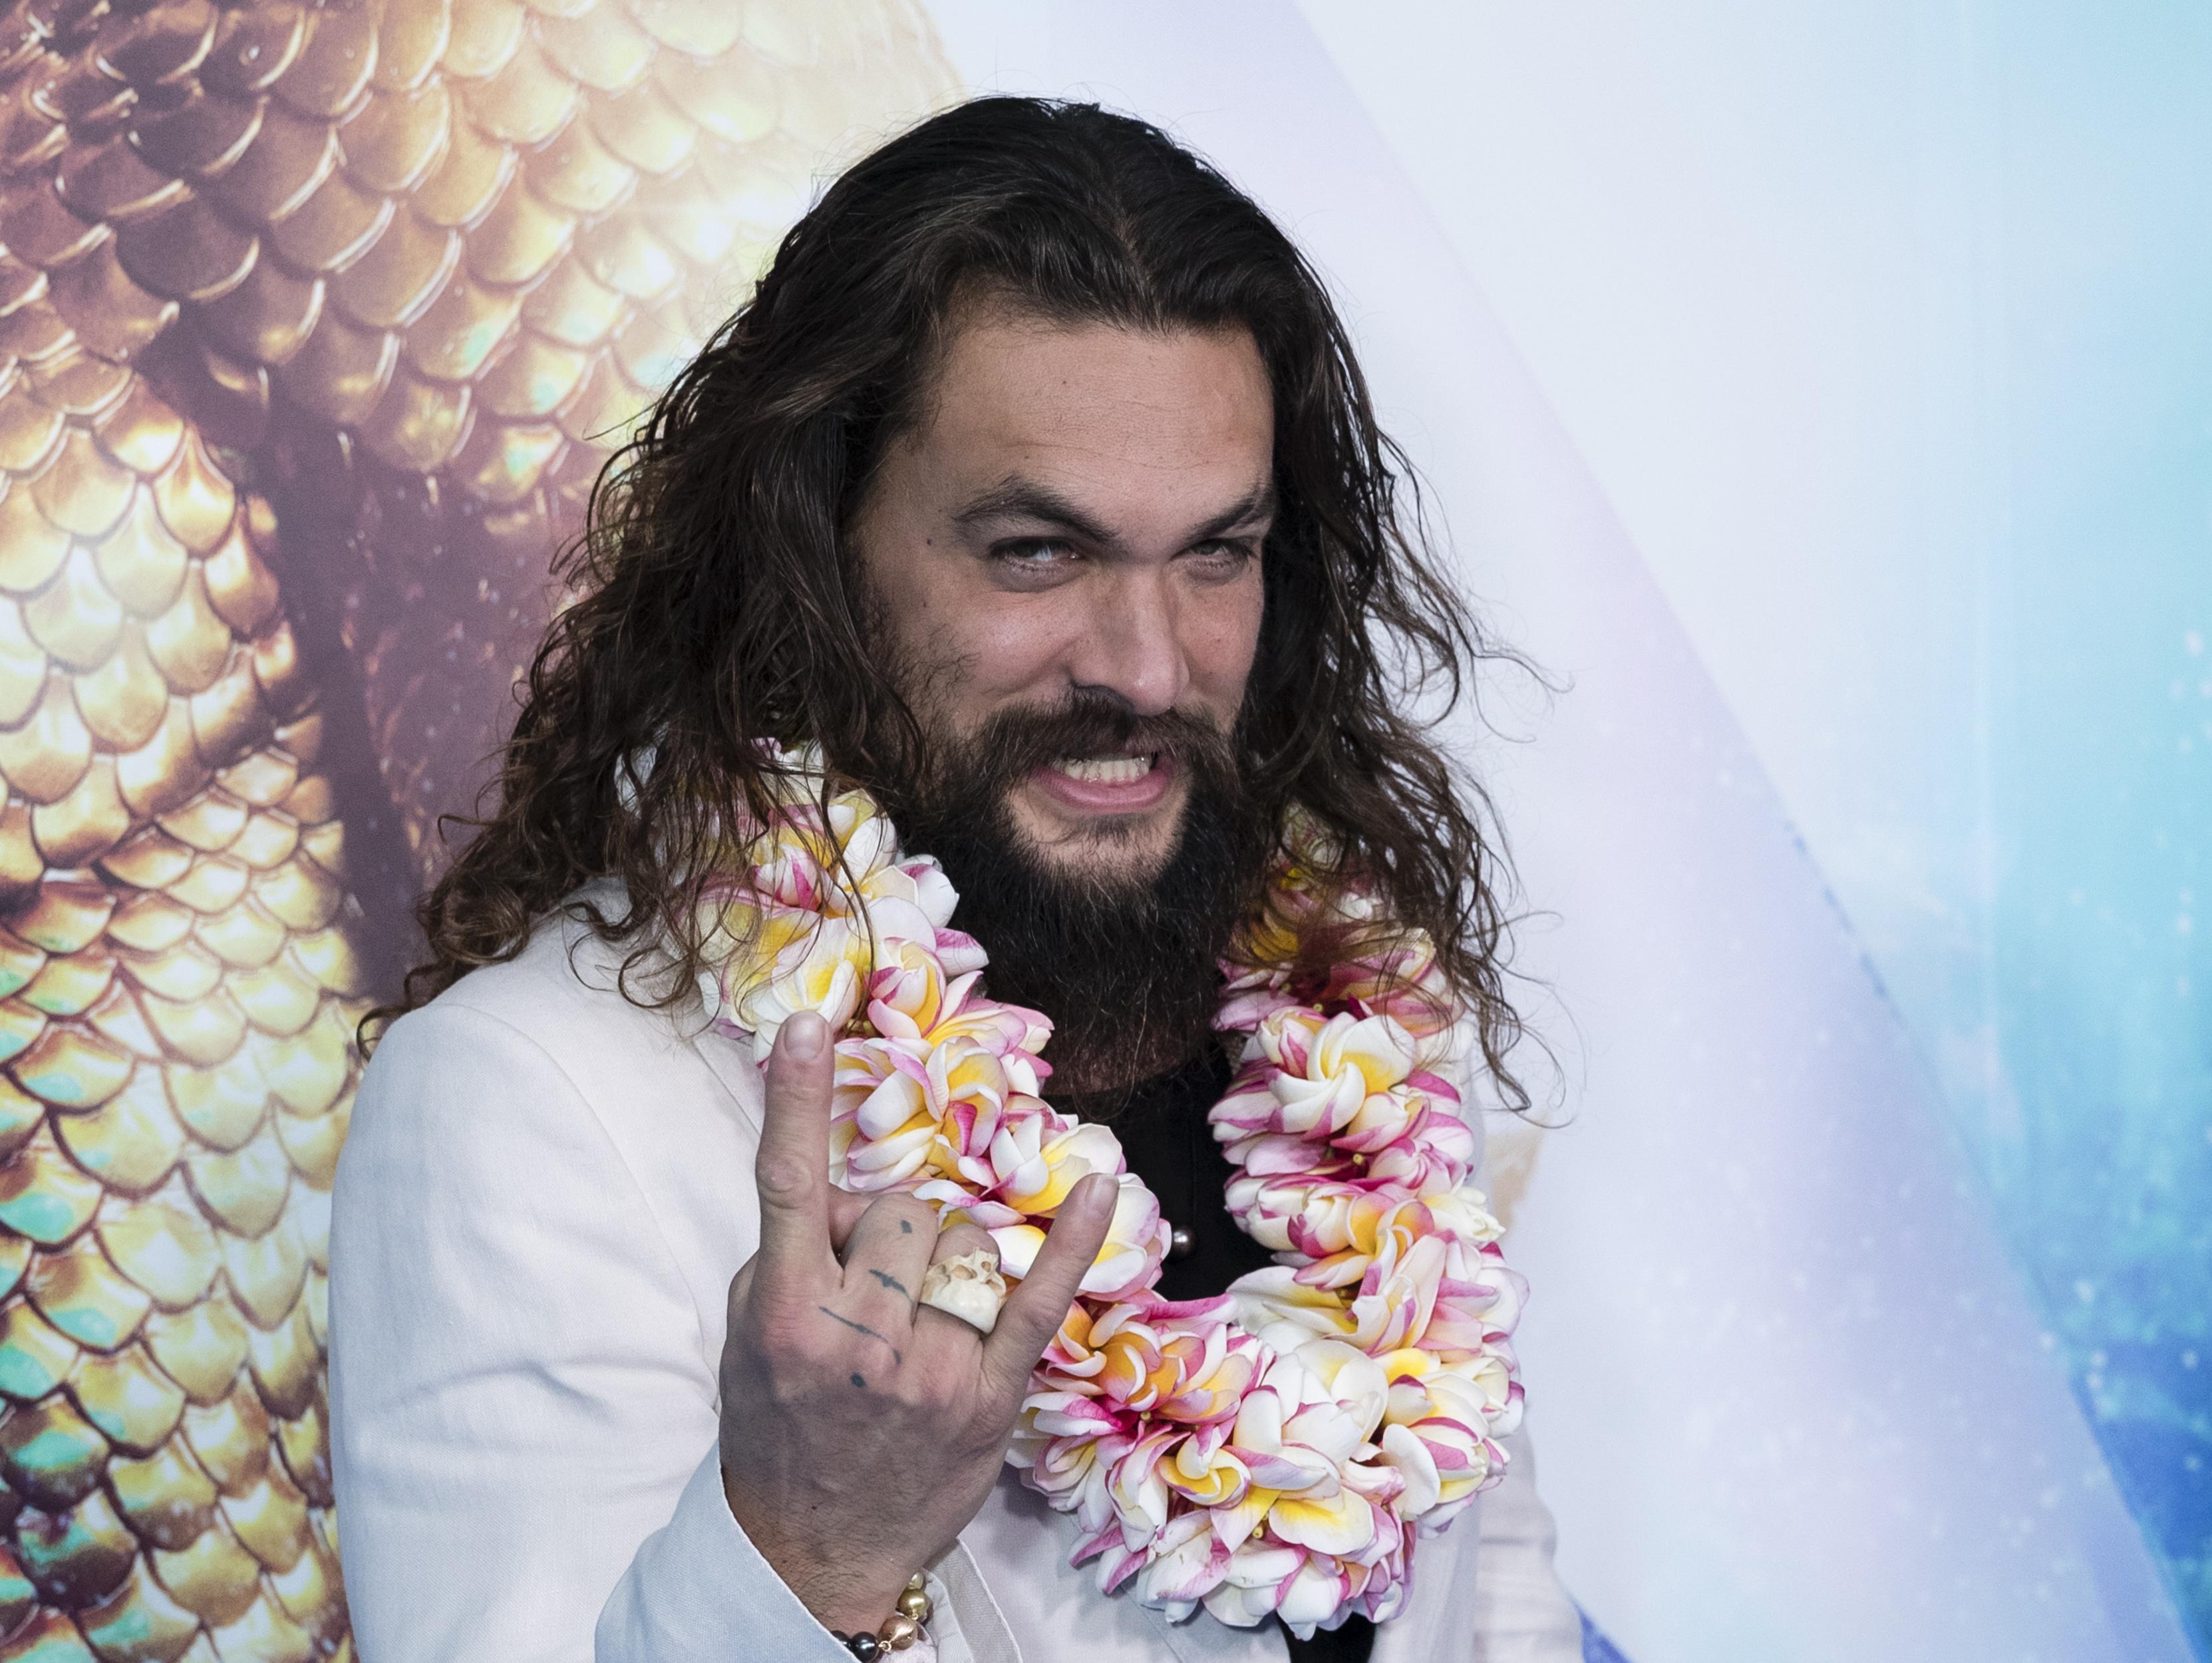 מחקר מצא: לגברים מזוקנים עם שיער ארוך יש אשכים קטנים